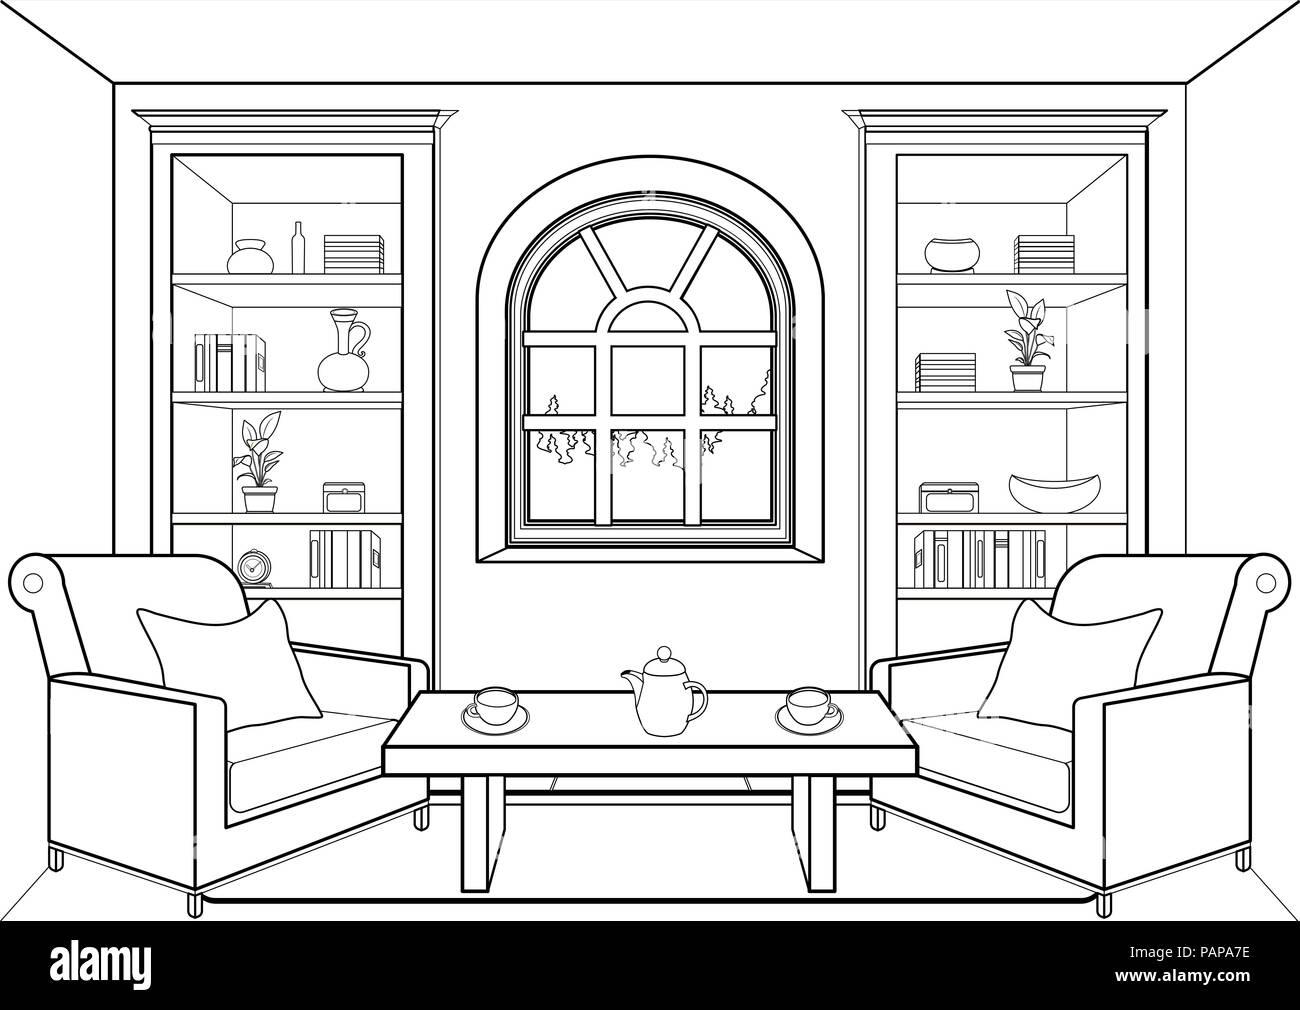 https www alamyimages fr chambre avec grande fenetre contours television interieur lineaire contour dessin couleur noir et blanc illustration vectorielle salon armoires a livres image213161970 html